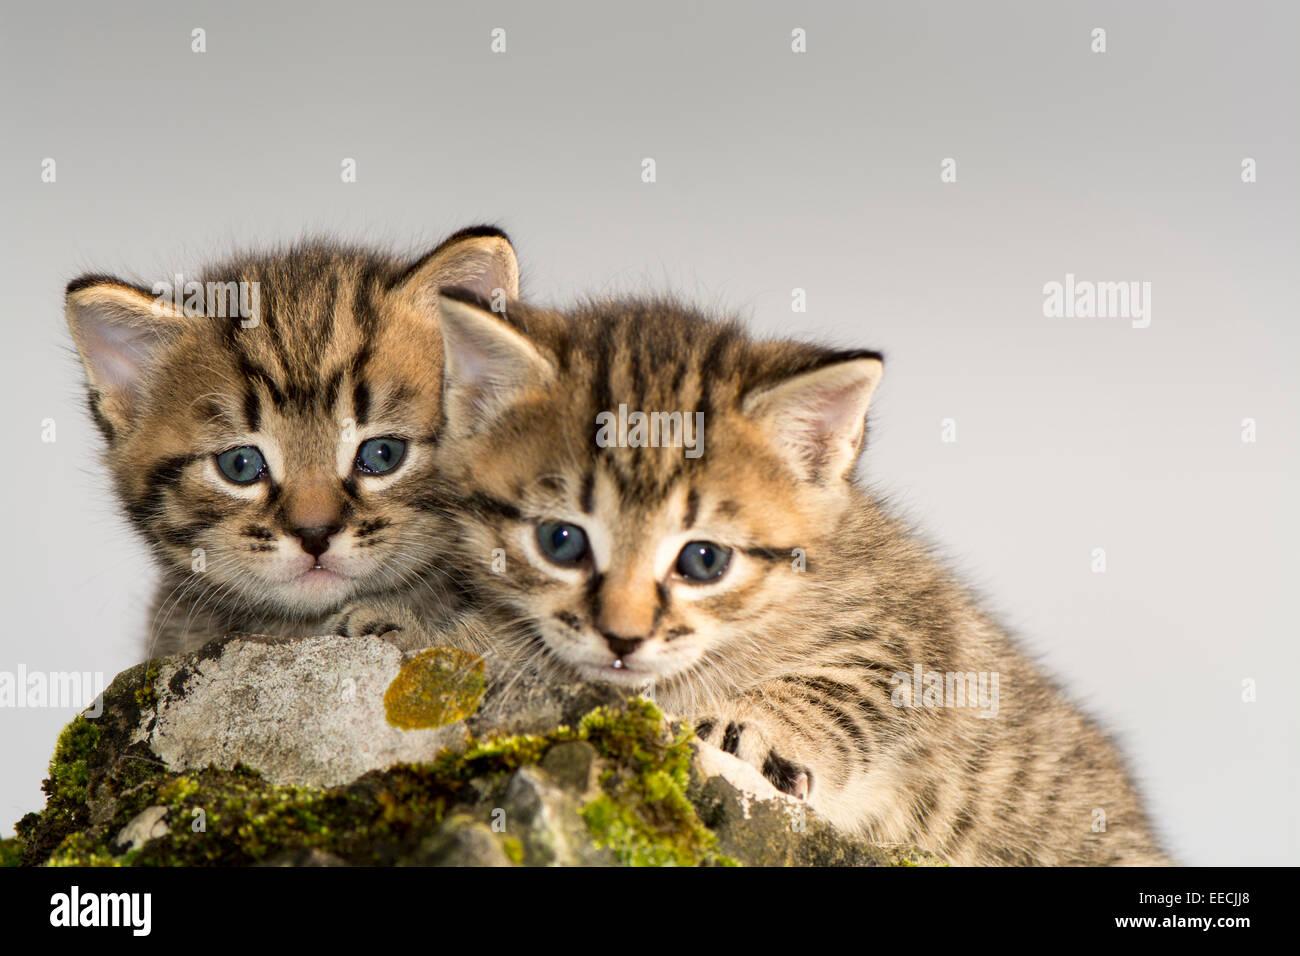 Par de siamés gatitos jugando afuera, UK Imagen De Stock